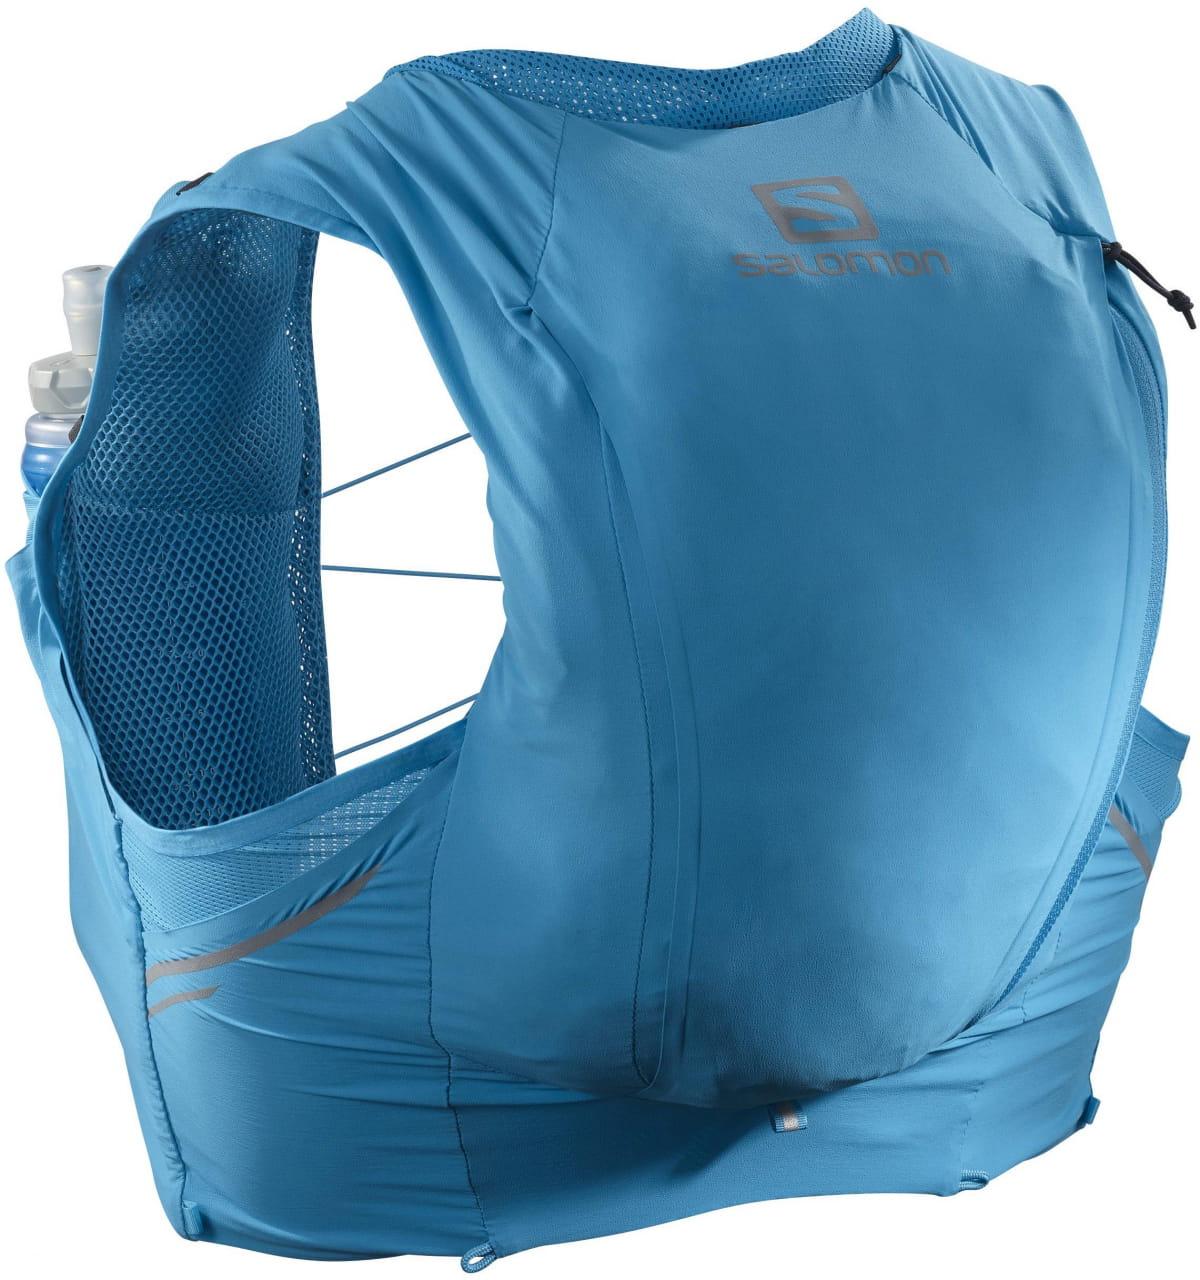 Pánská běžecká vesta s lahvemi Salomon Sense Pro 10 Set